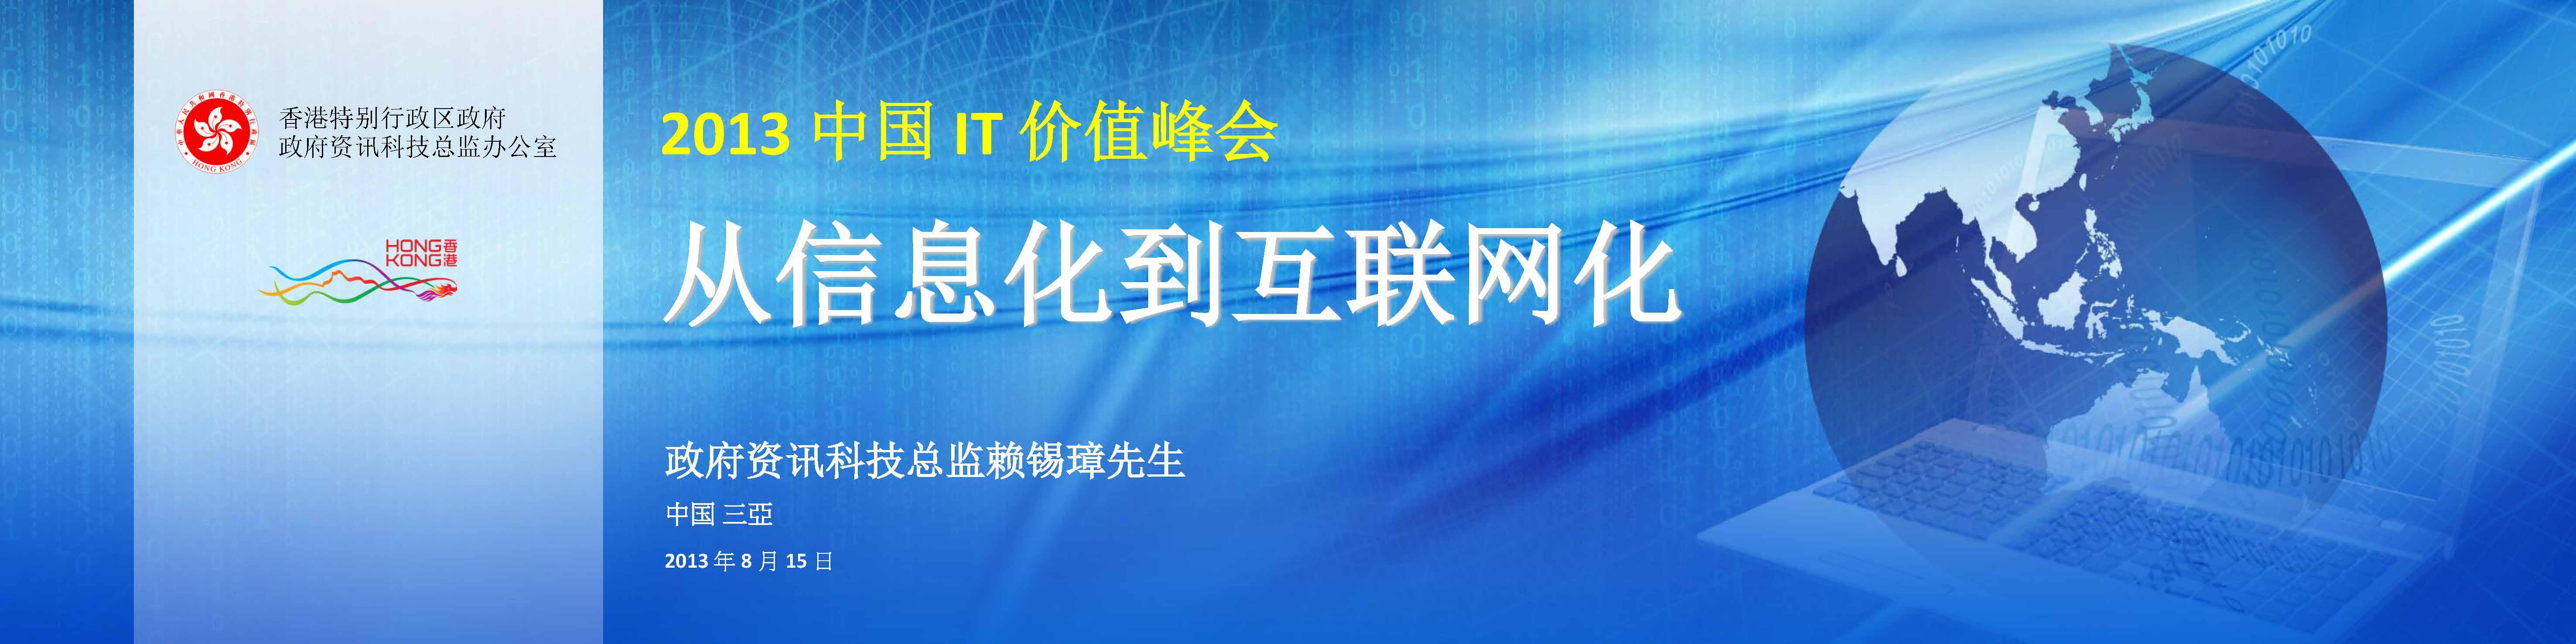 赖锡璋-从信息化到互联网化